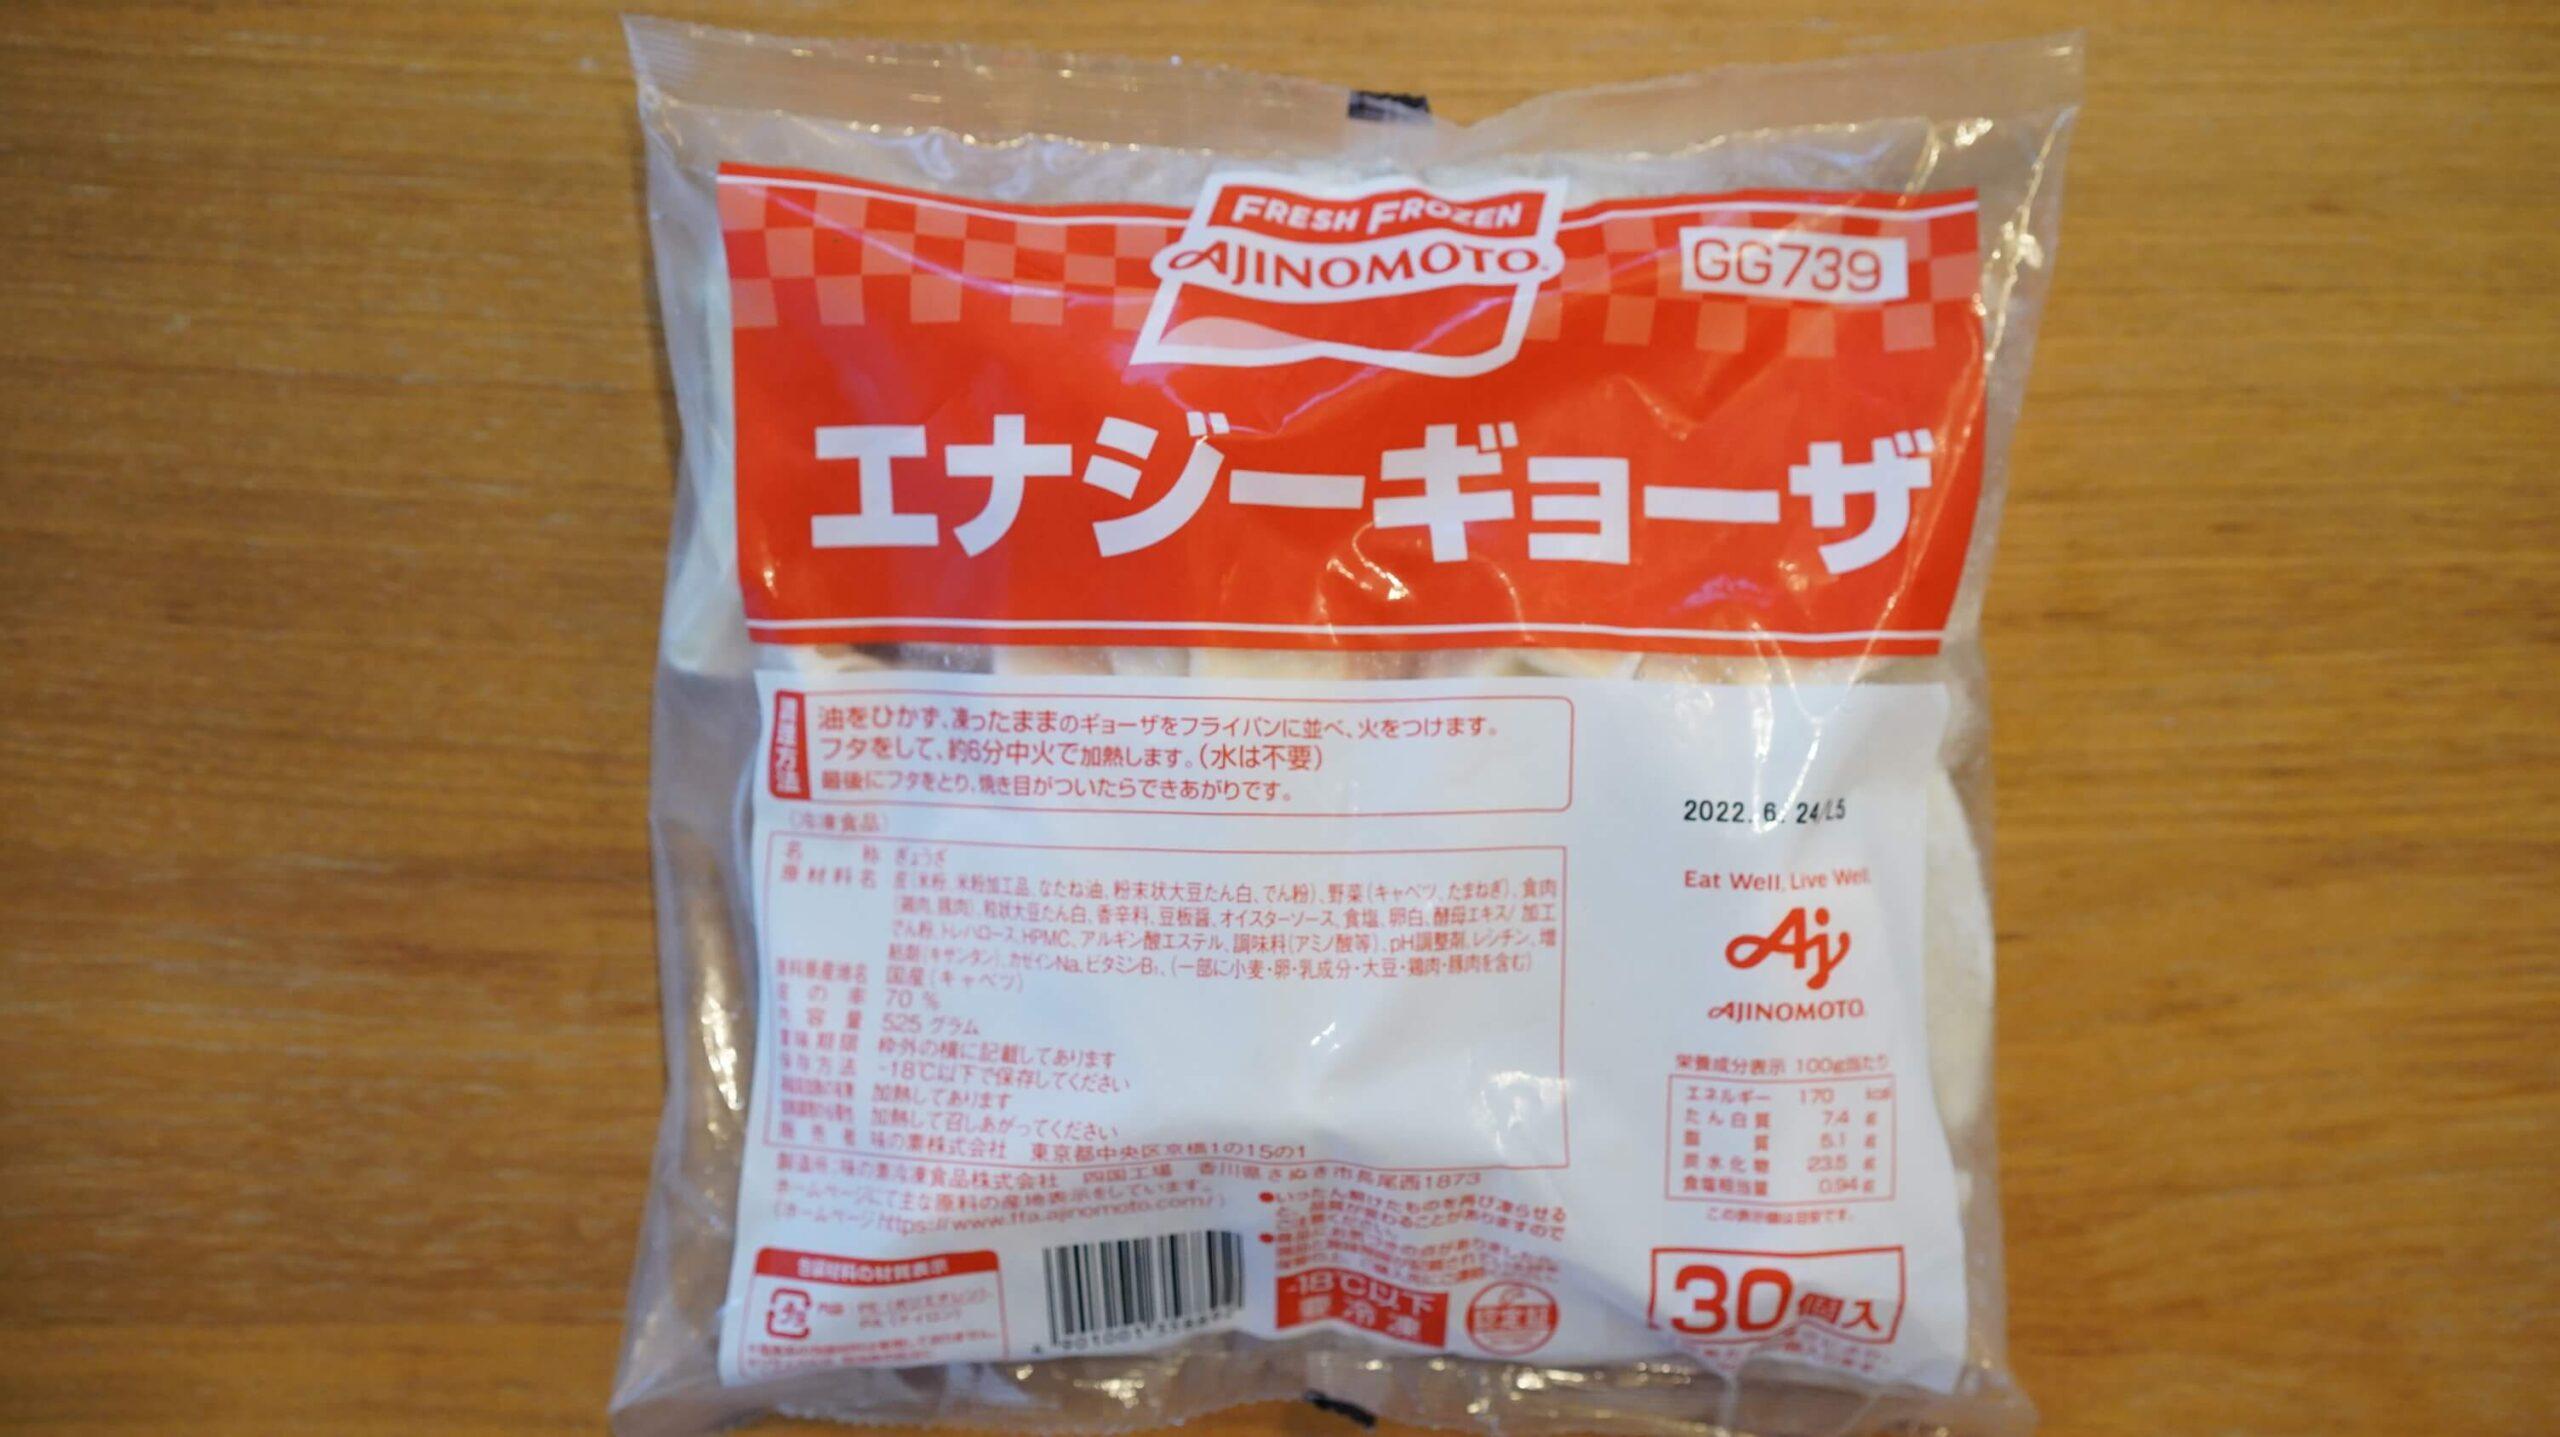 味の素のアスリート向け冷凍餃子「エナジーギョーザ」のパッケージ写真